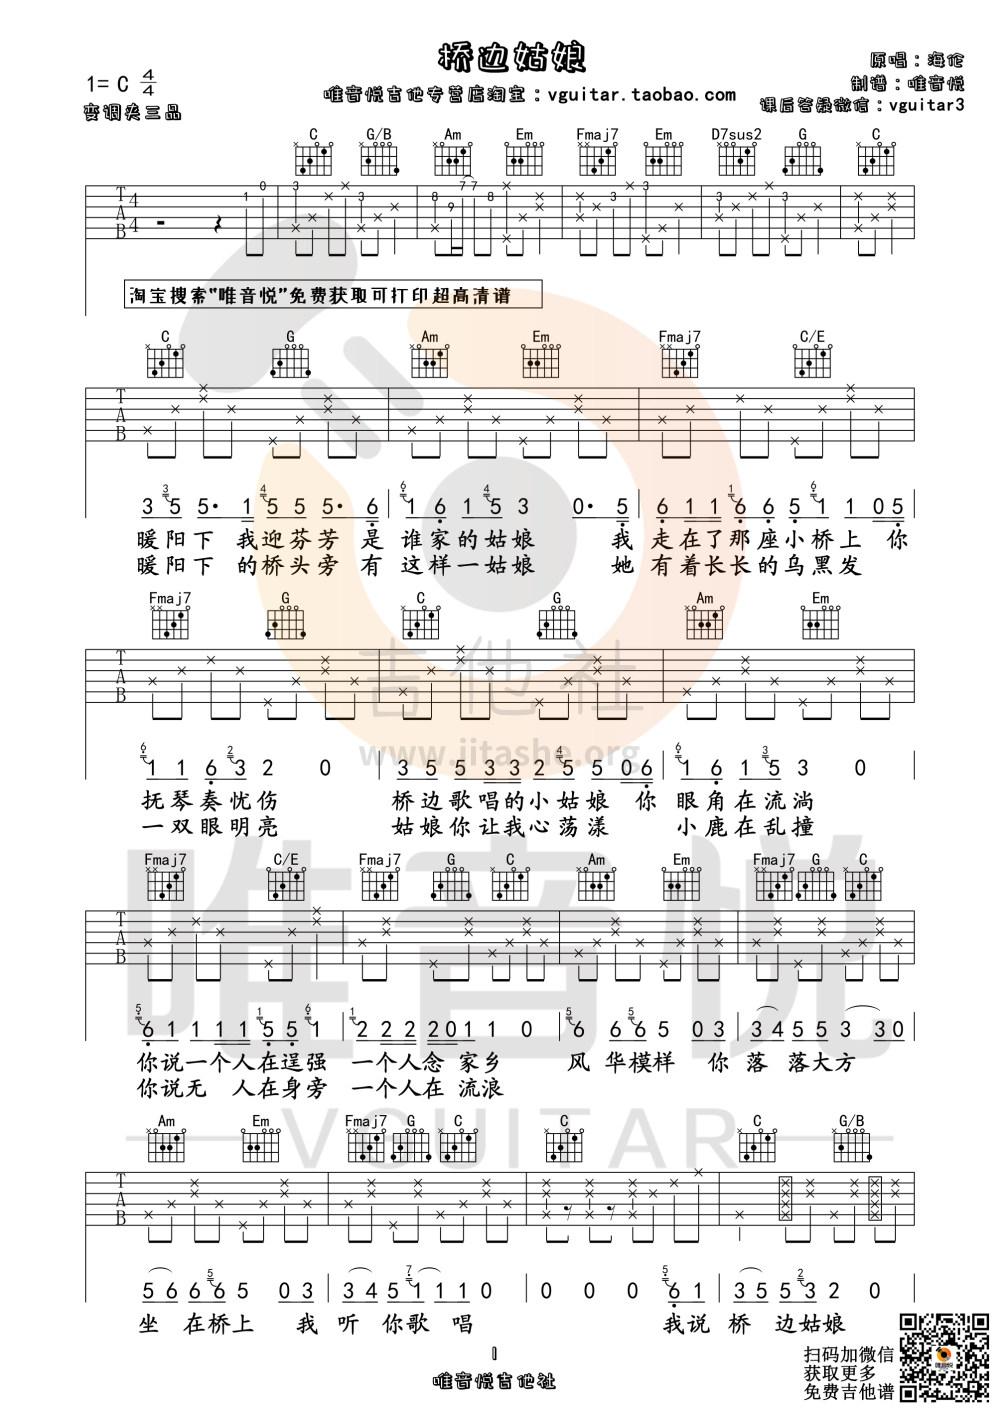 桥边姑娘 (原版简单吉他谱 唯音悦制谱)吉他谱(图片谱,唯音悦,弹唱,简单版)_MC海伦_桥边姑娘01.jpg